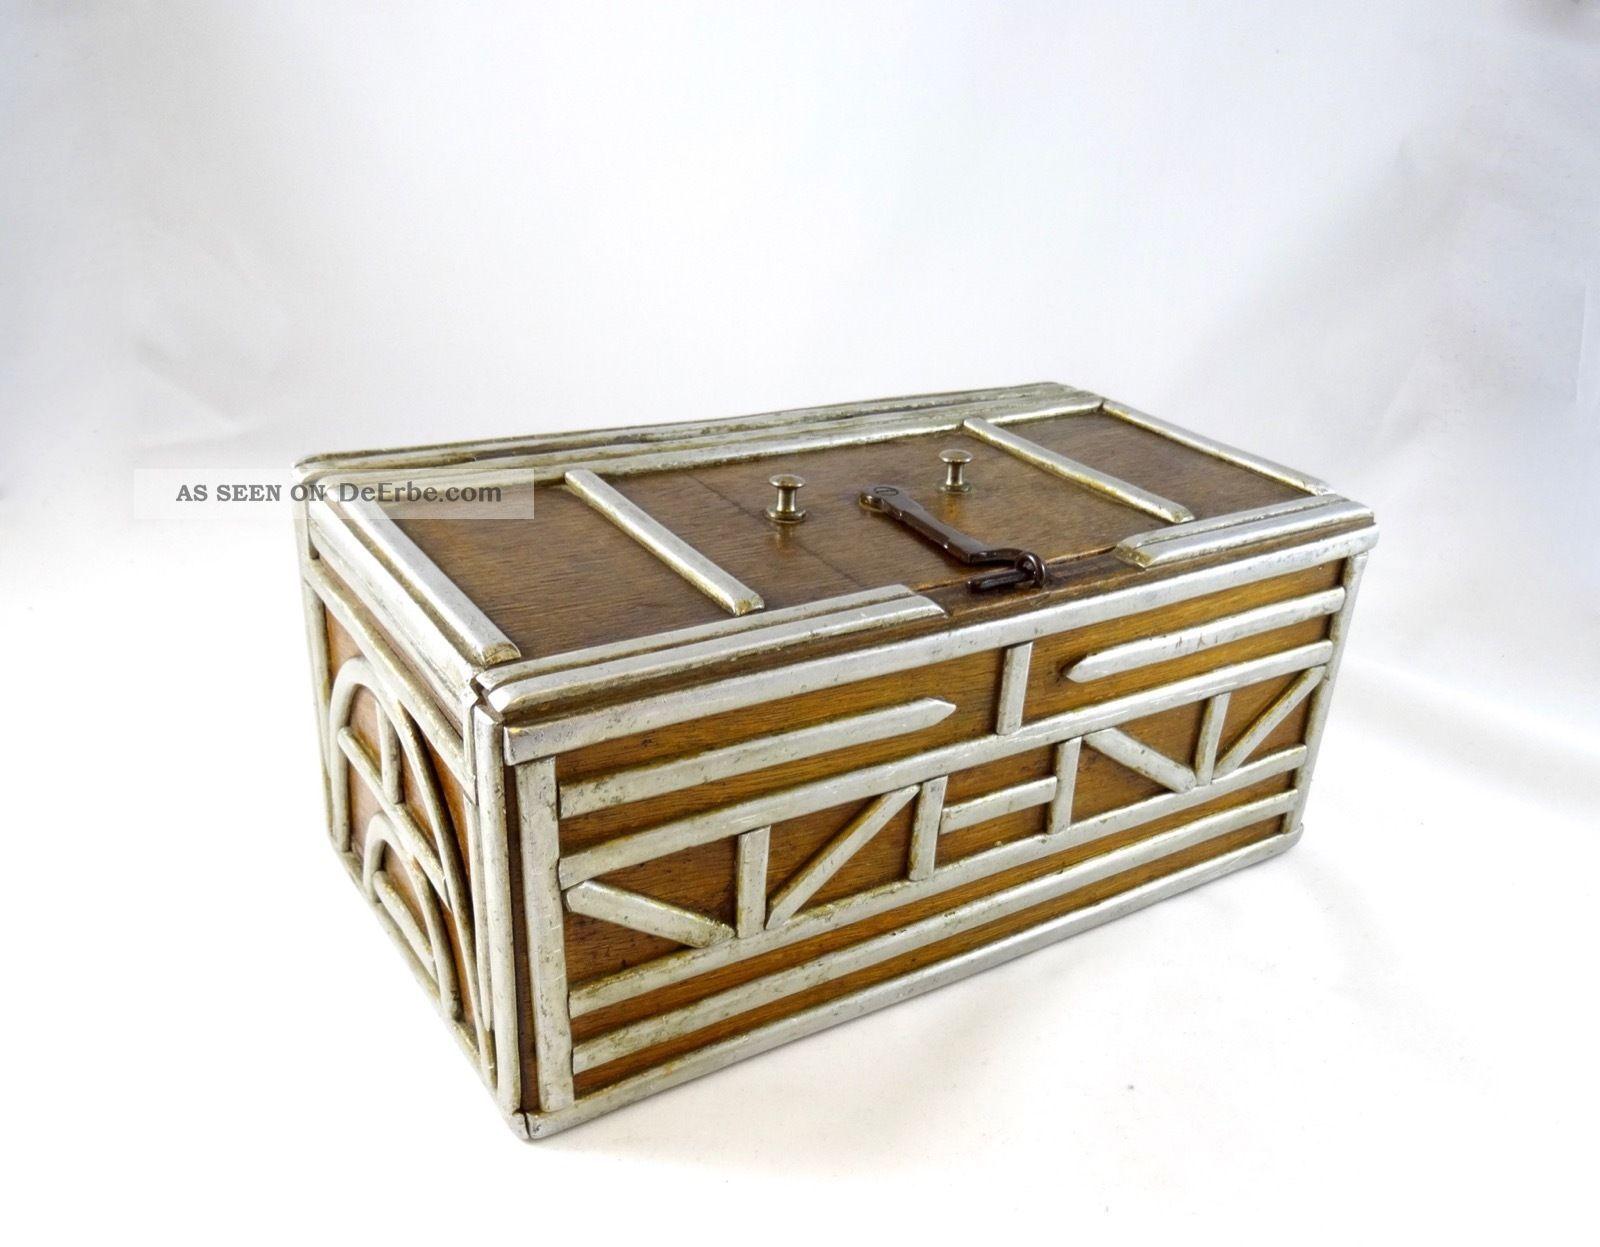 Sehr Seltene Art Deco Schatulle Um 1930 Geometrische Alu BeschlÄge Industrie 1920-1949, Art Déco Bild